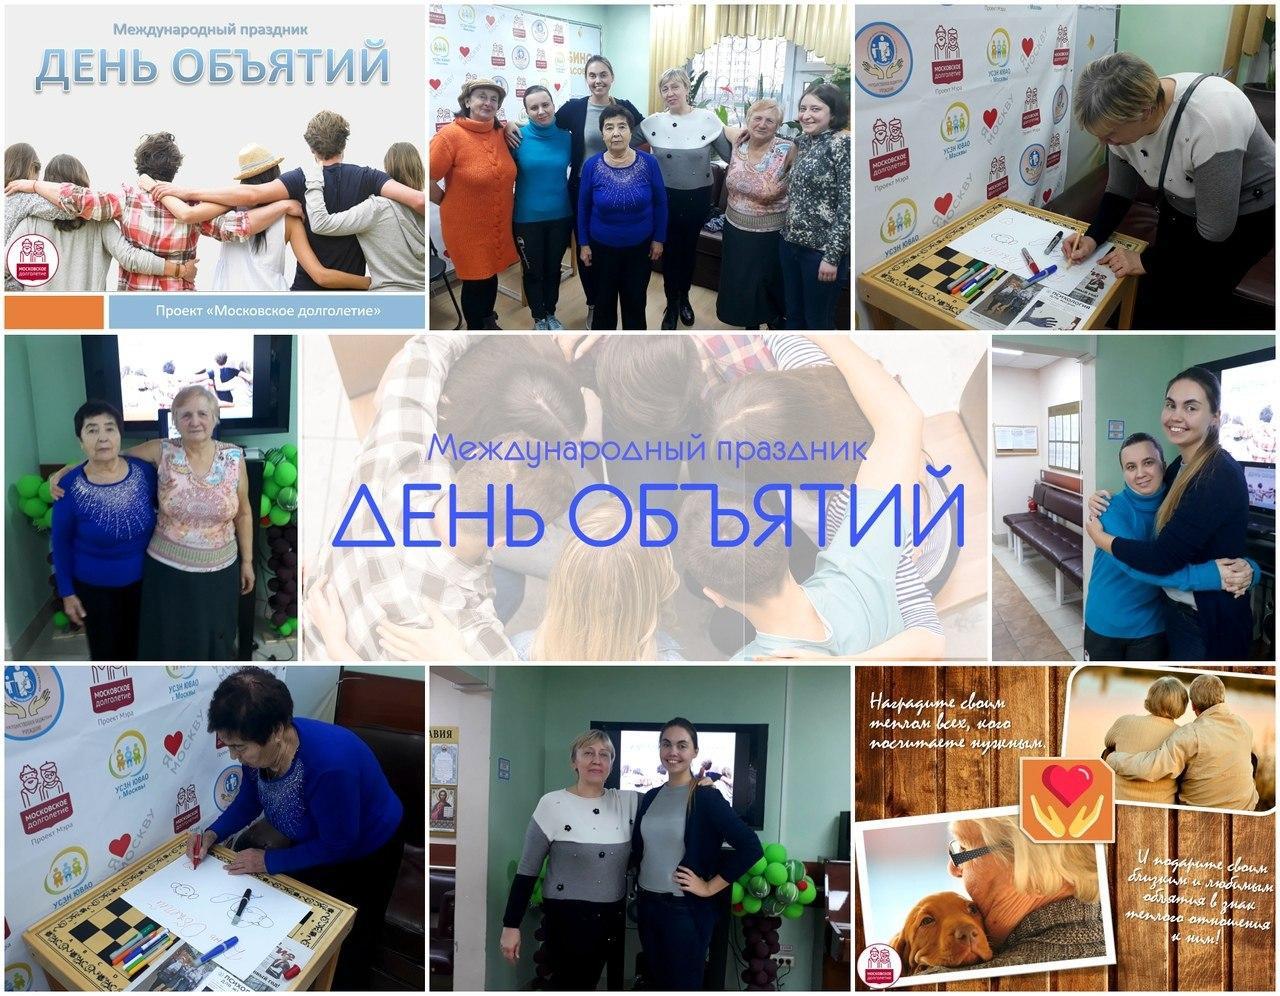 Посетители центра соцобслуживания на Рождественской отметили Всемирный день объятий